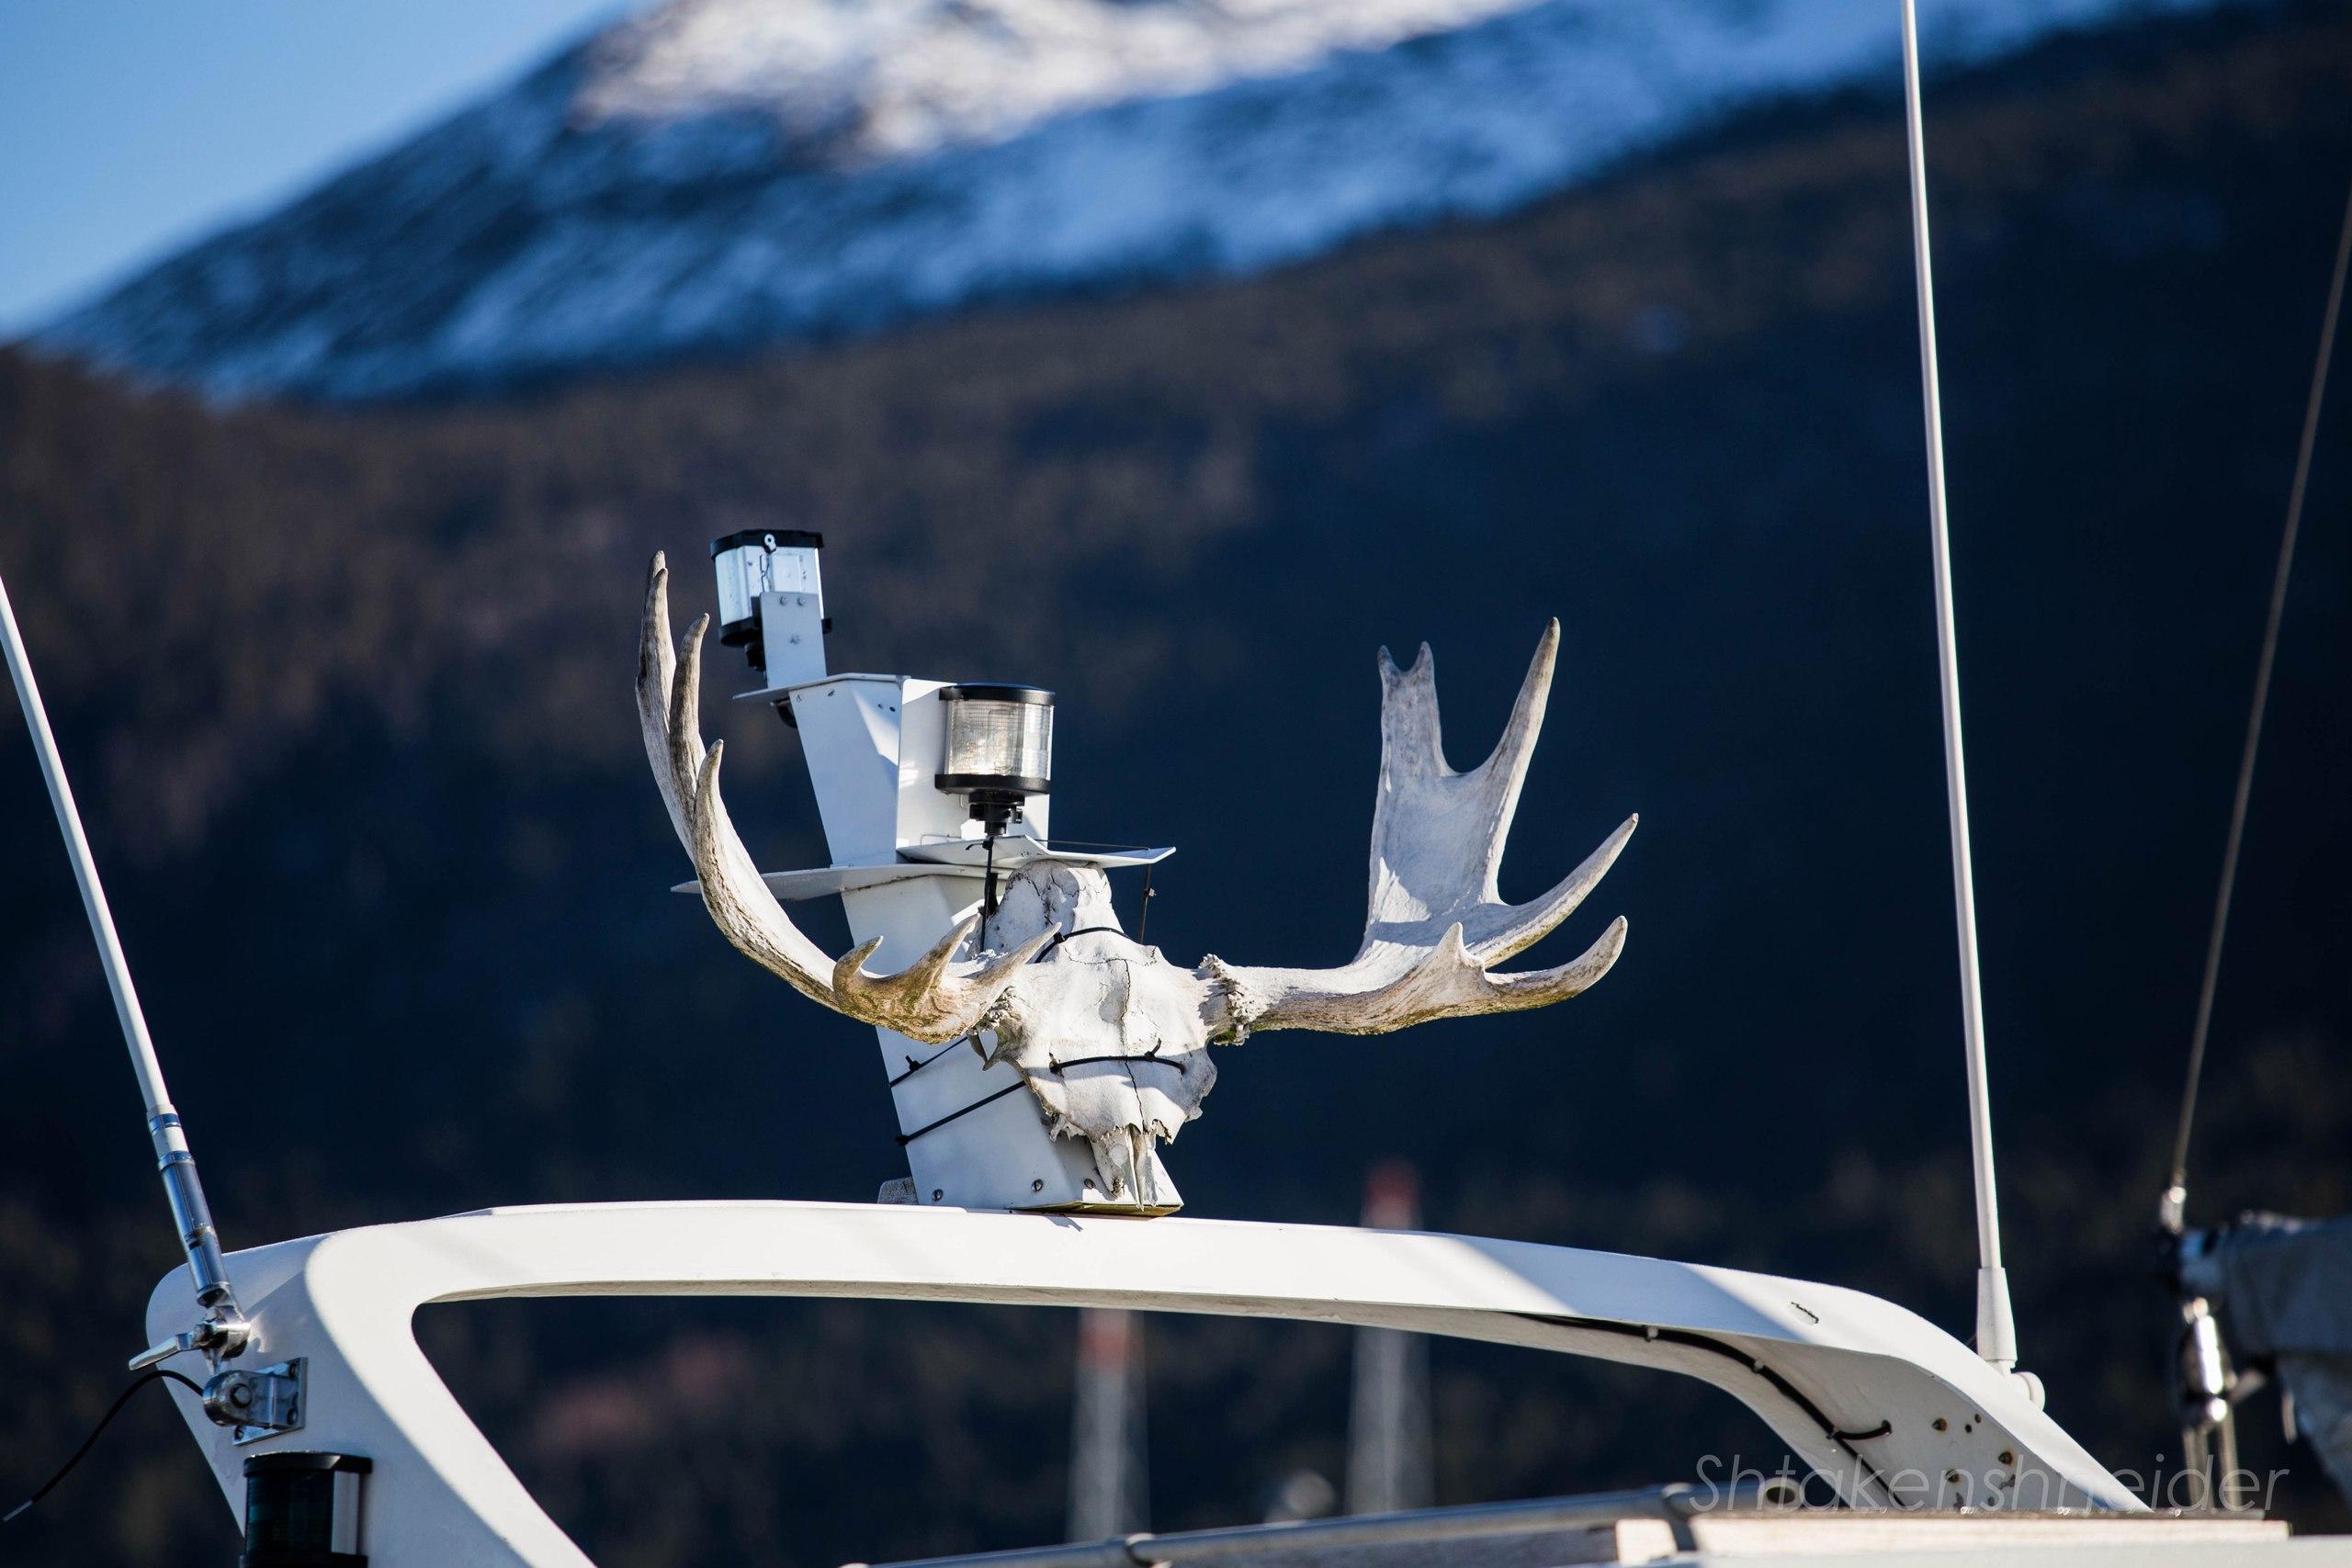 Марина Хюснеса, Норвегия: фото деревни и местных яхт.